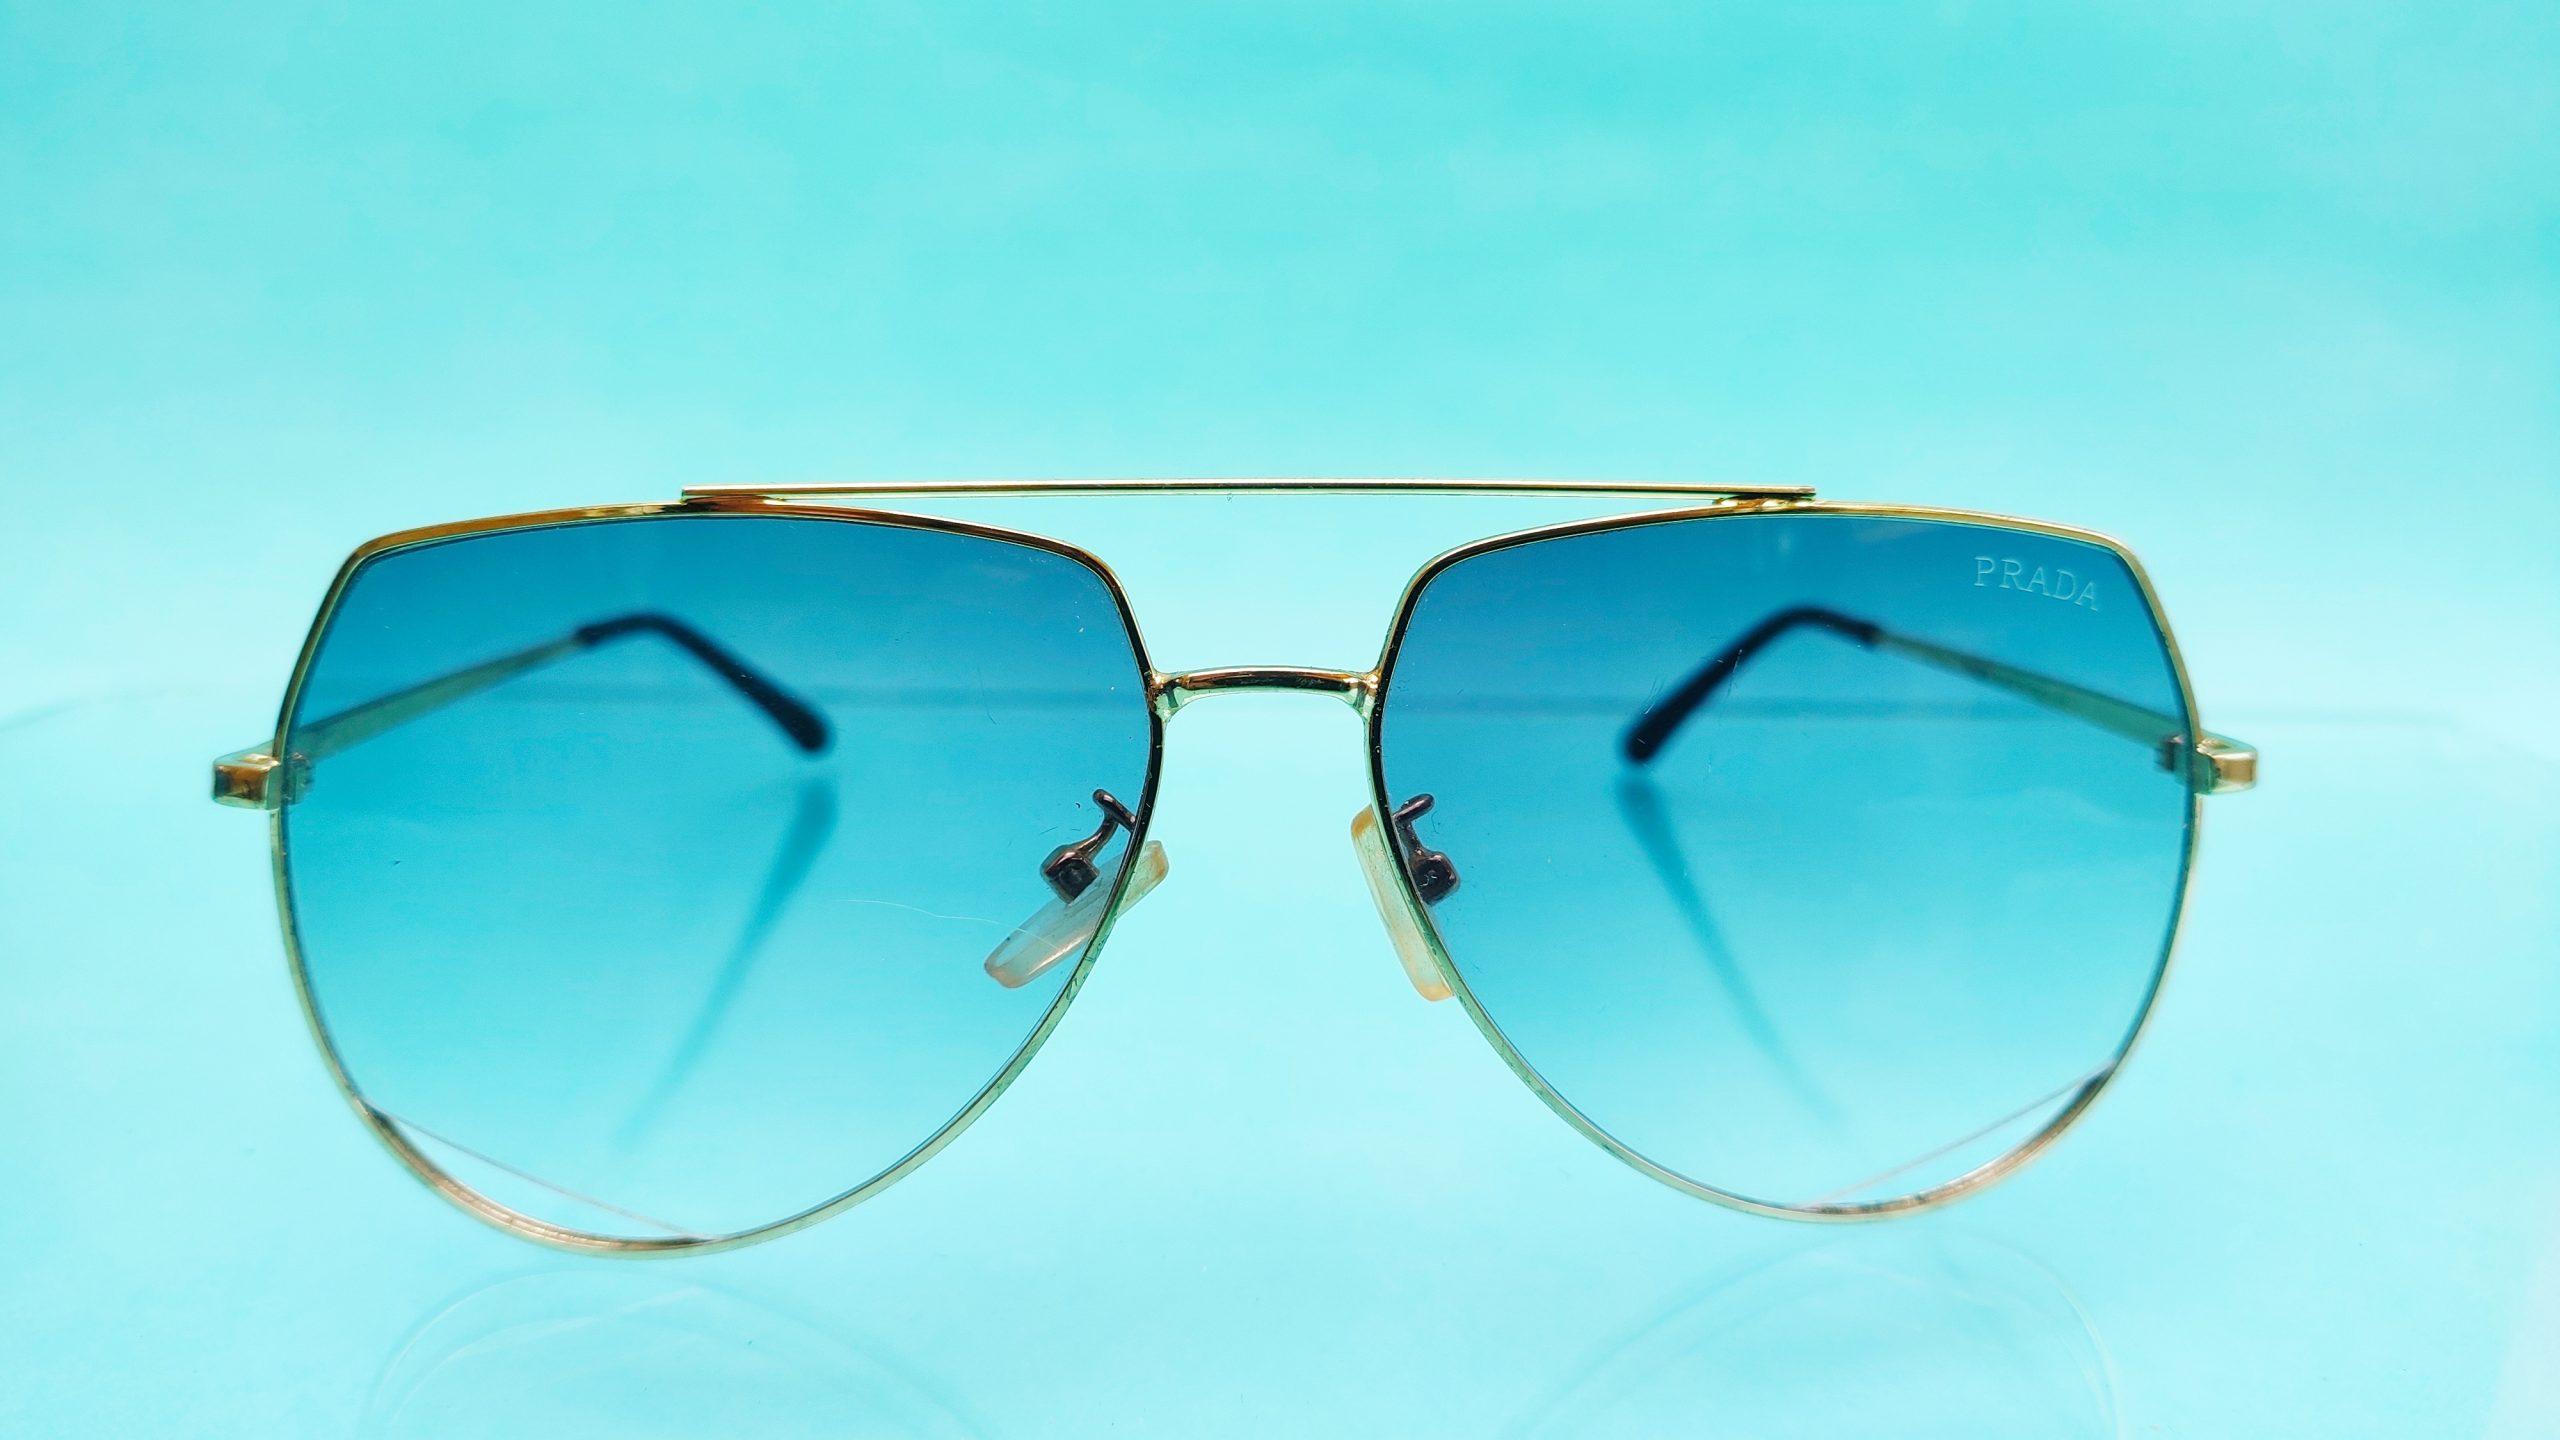 Sunshade glasses